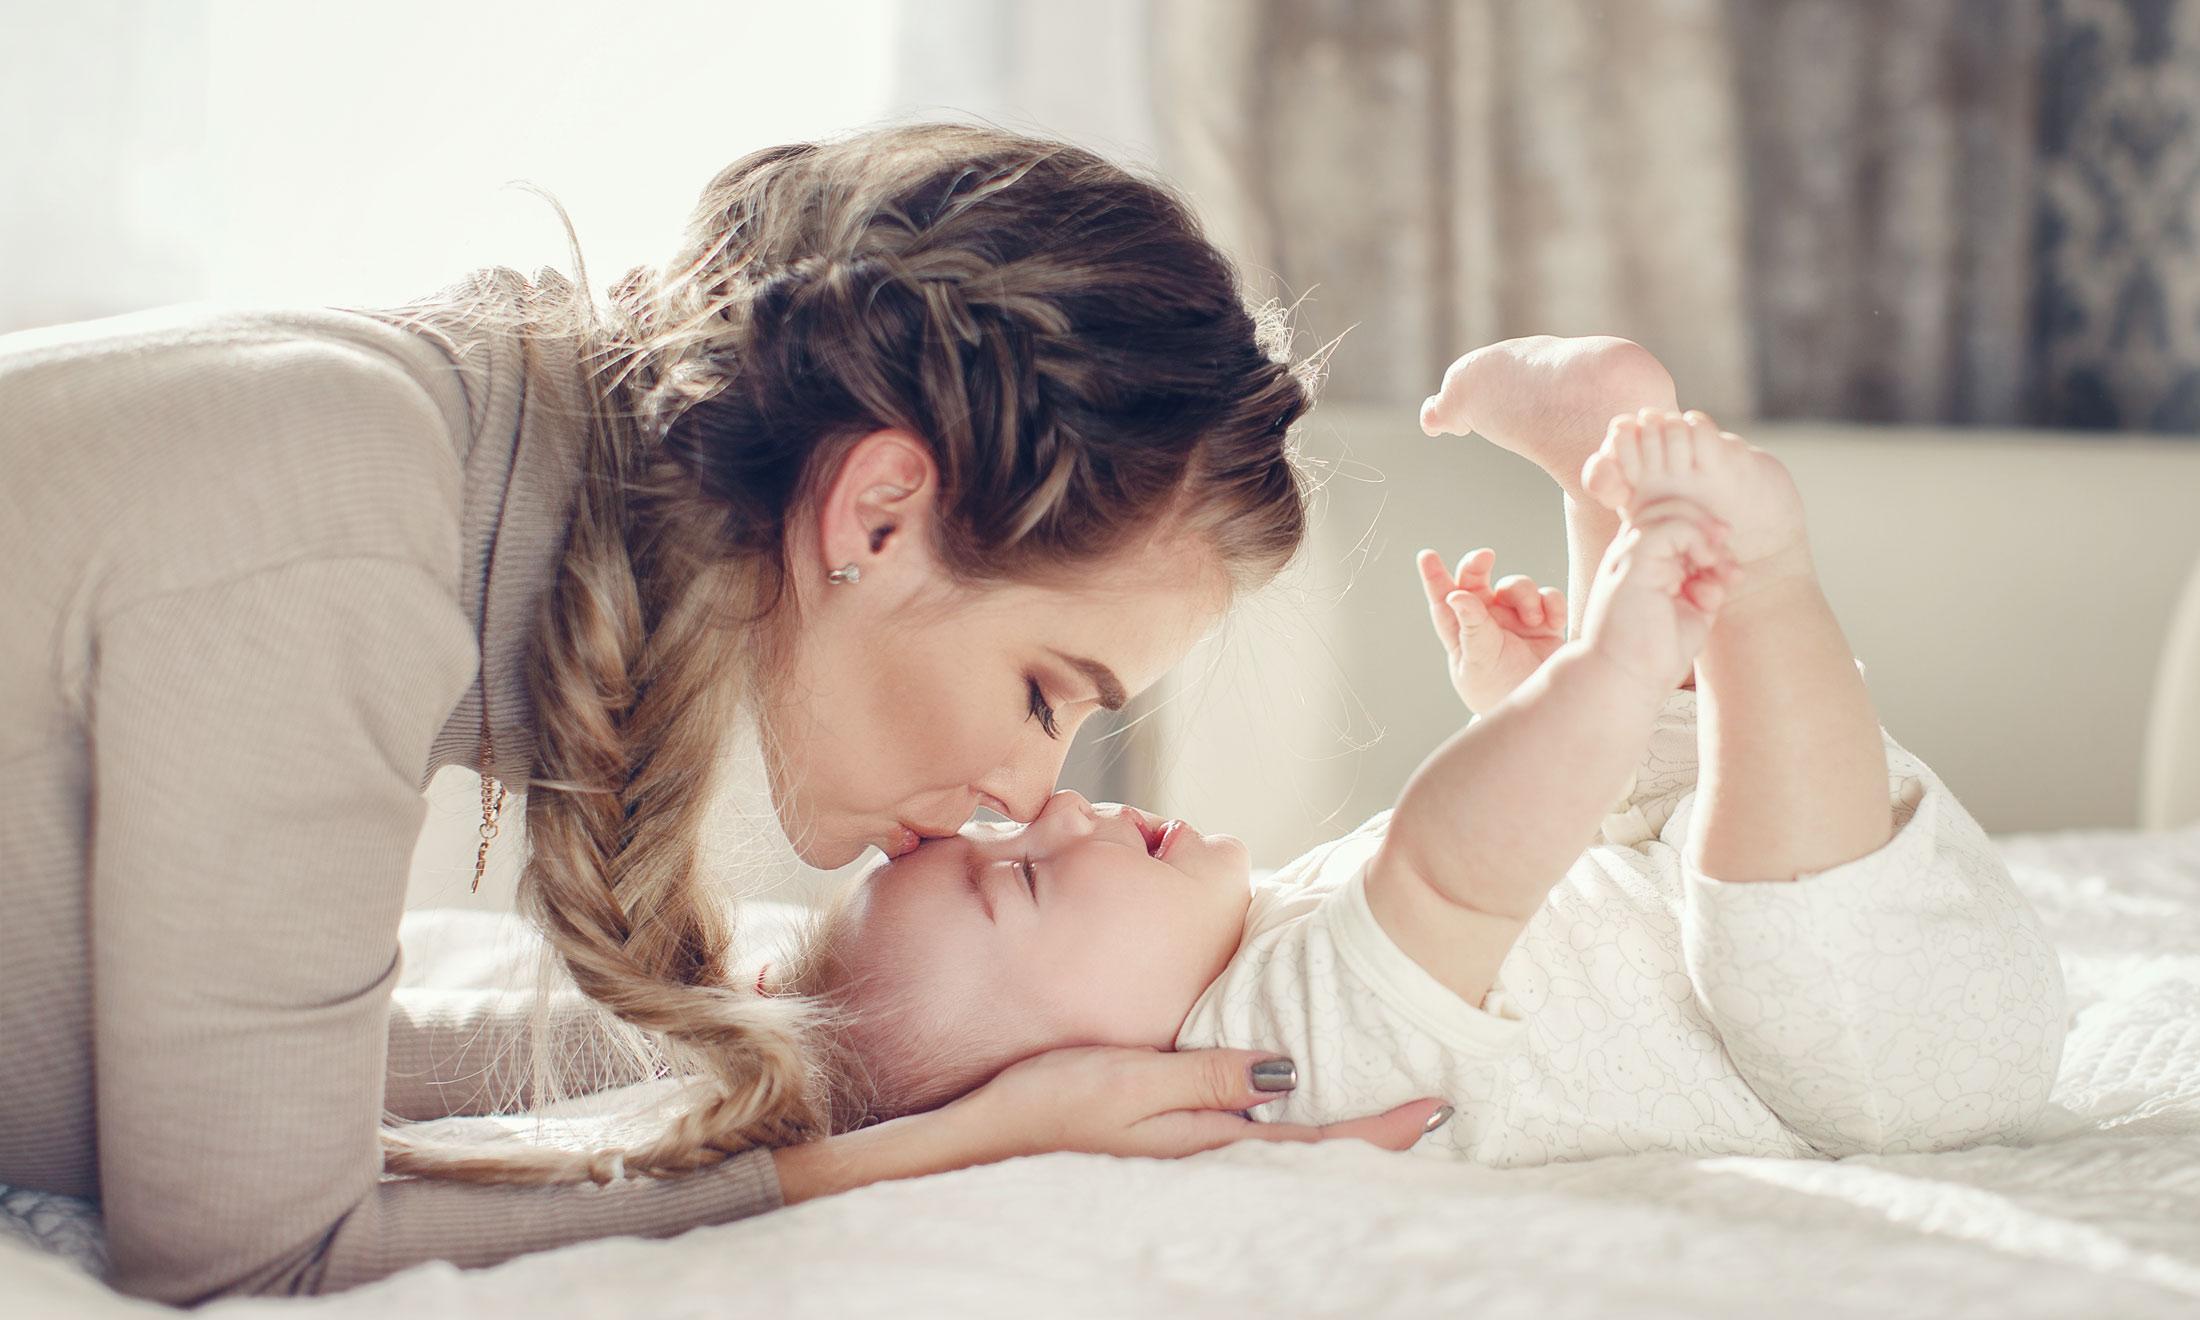 Кто из девушек на картинке является матерью ребёнка? тест раскроет подробности личности угадывающего | sm.news